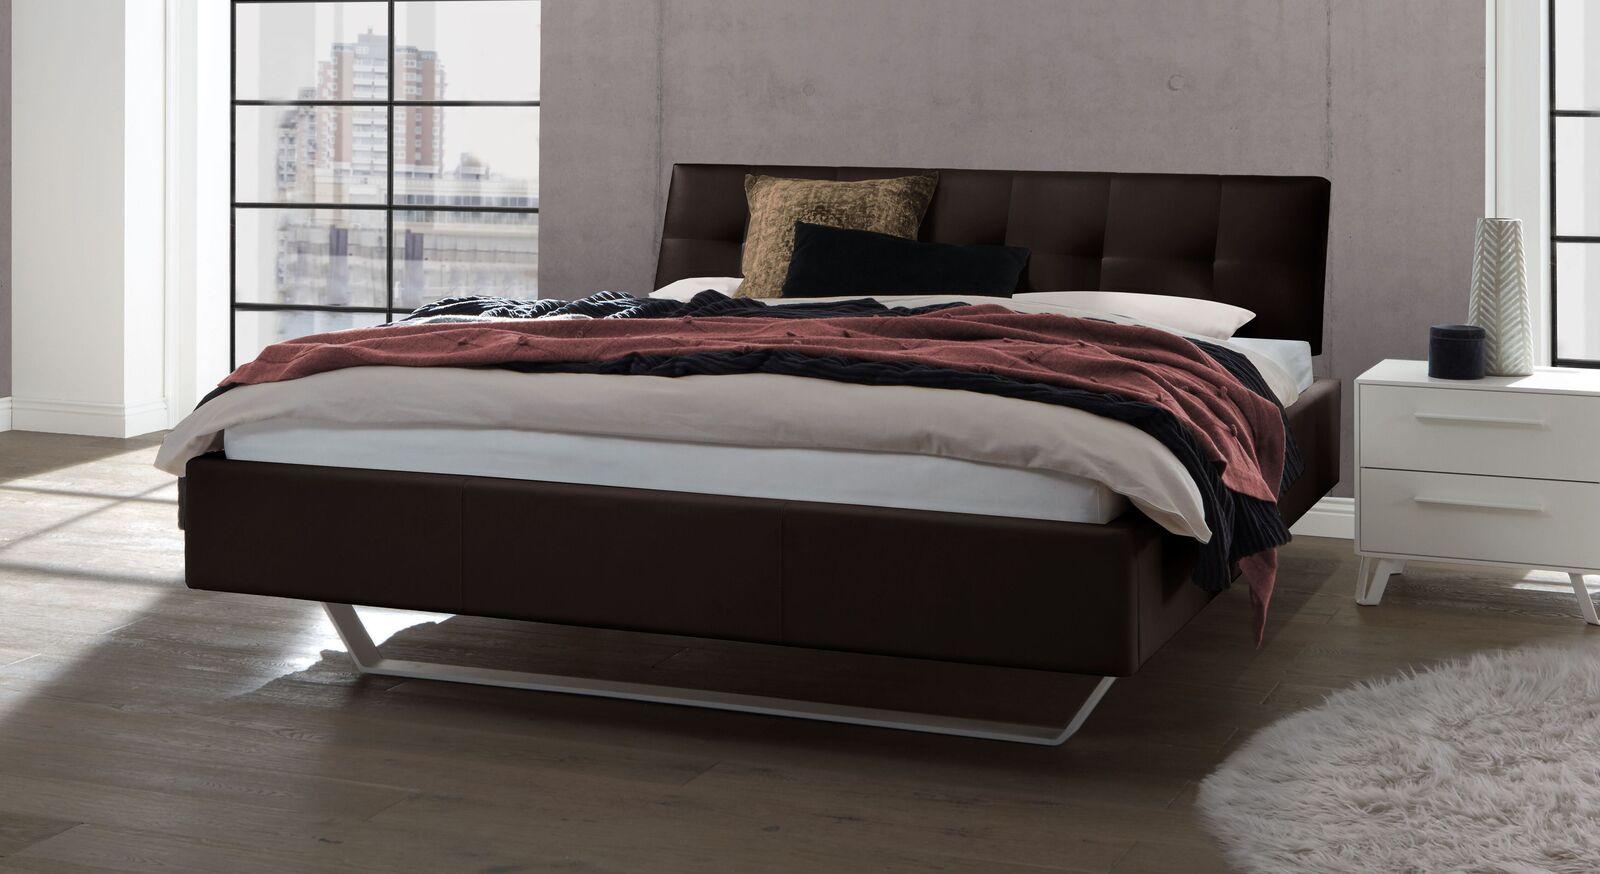 Bett Liene aus Echtleder in Dunkelbraun